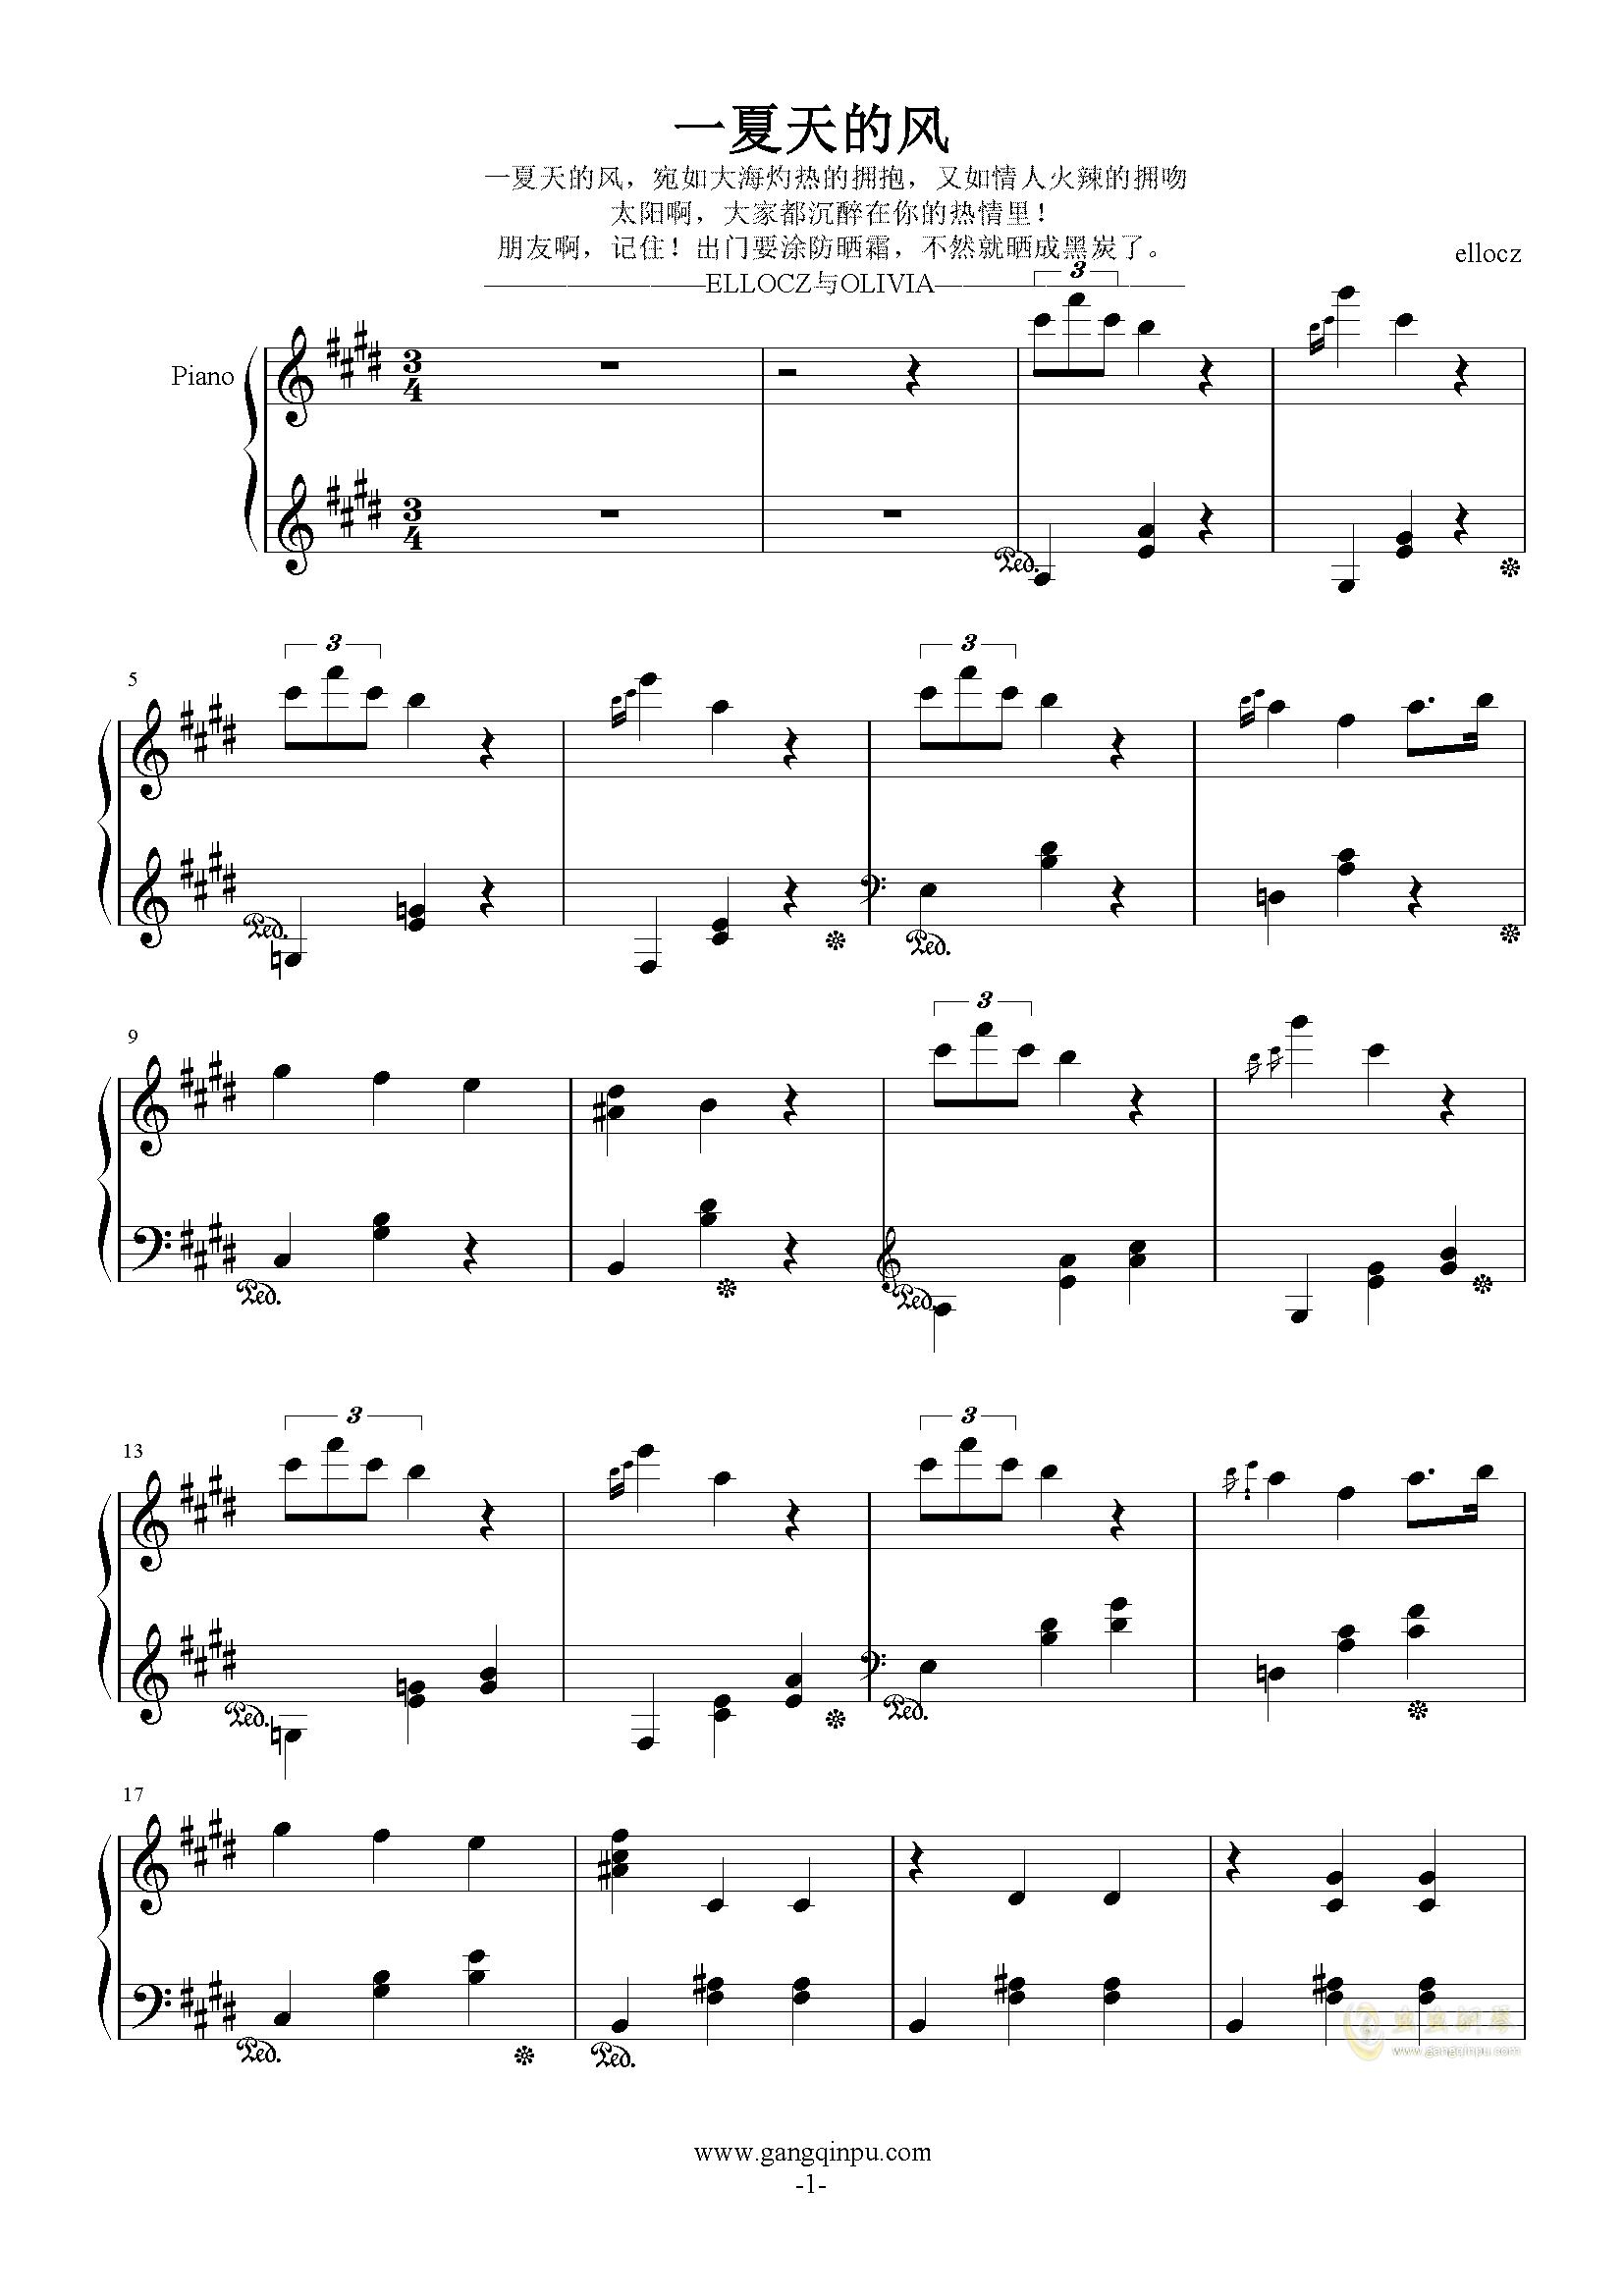 一夏天的风钢琴谱 第1页